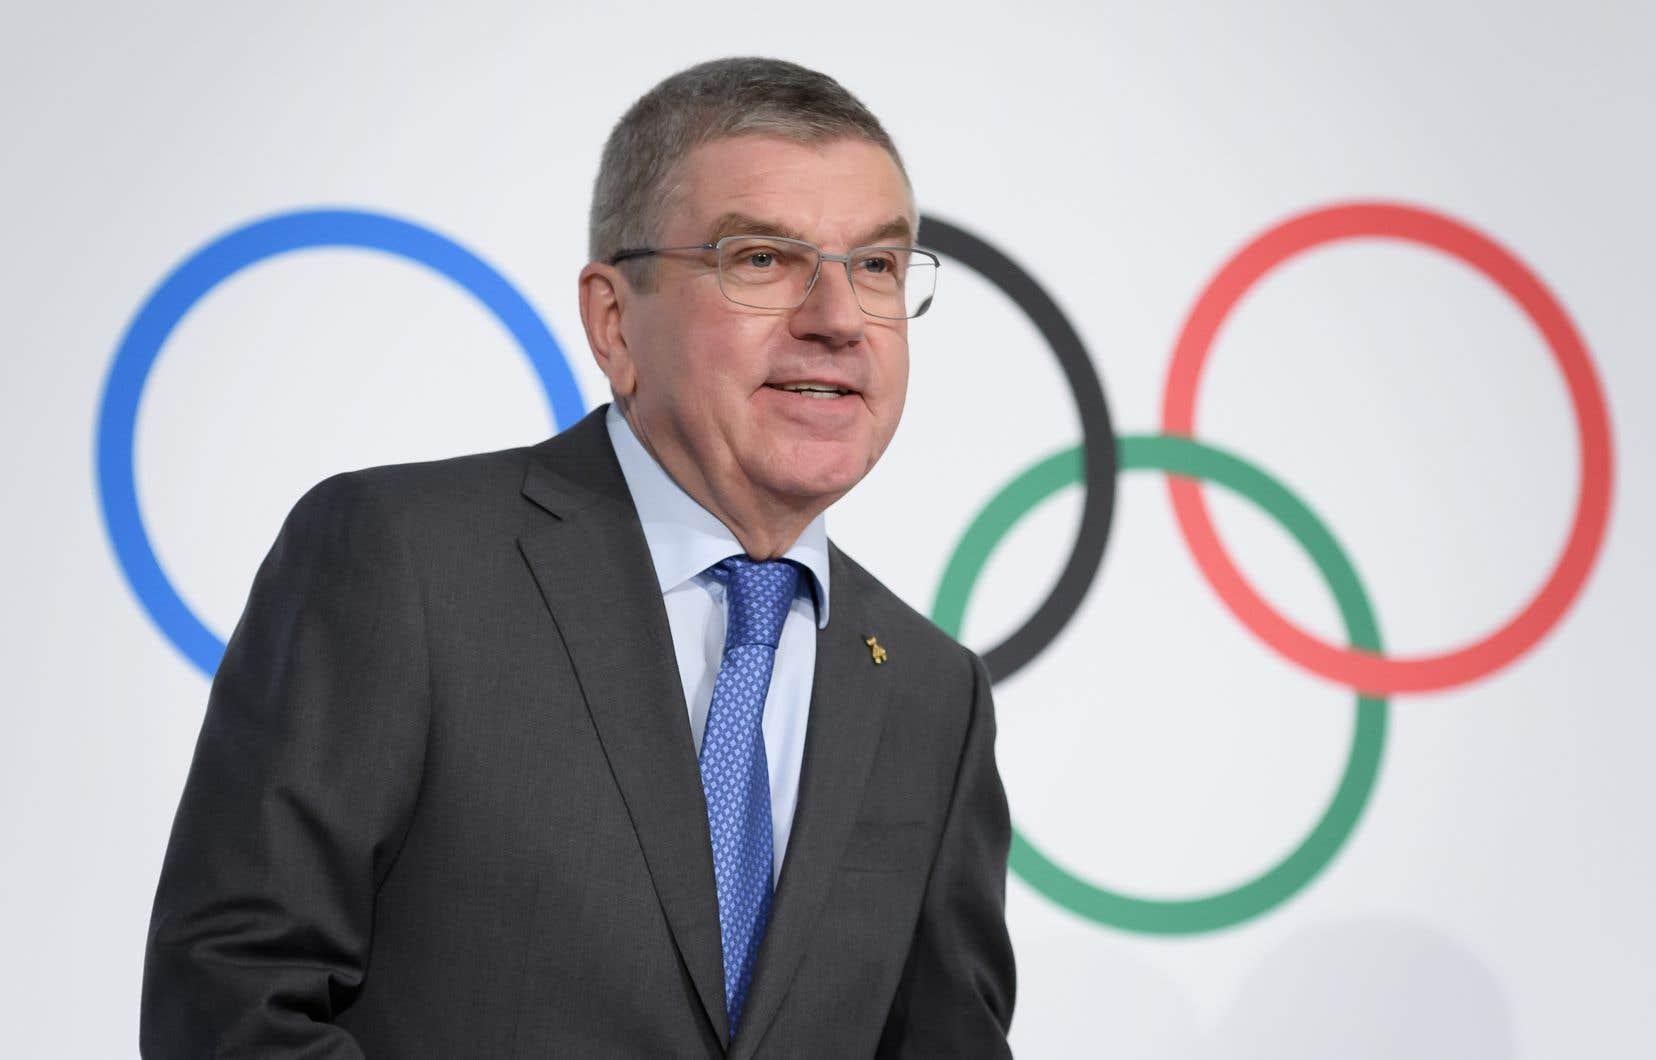 Neuvième président du CIO, Thomas Bach avait été champion olympique par équipes de fleuret aux Jeux de Montréal (Canada) en 1976.